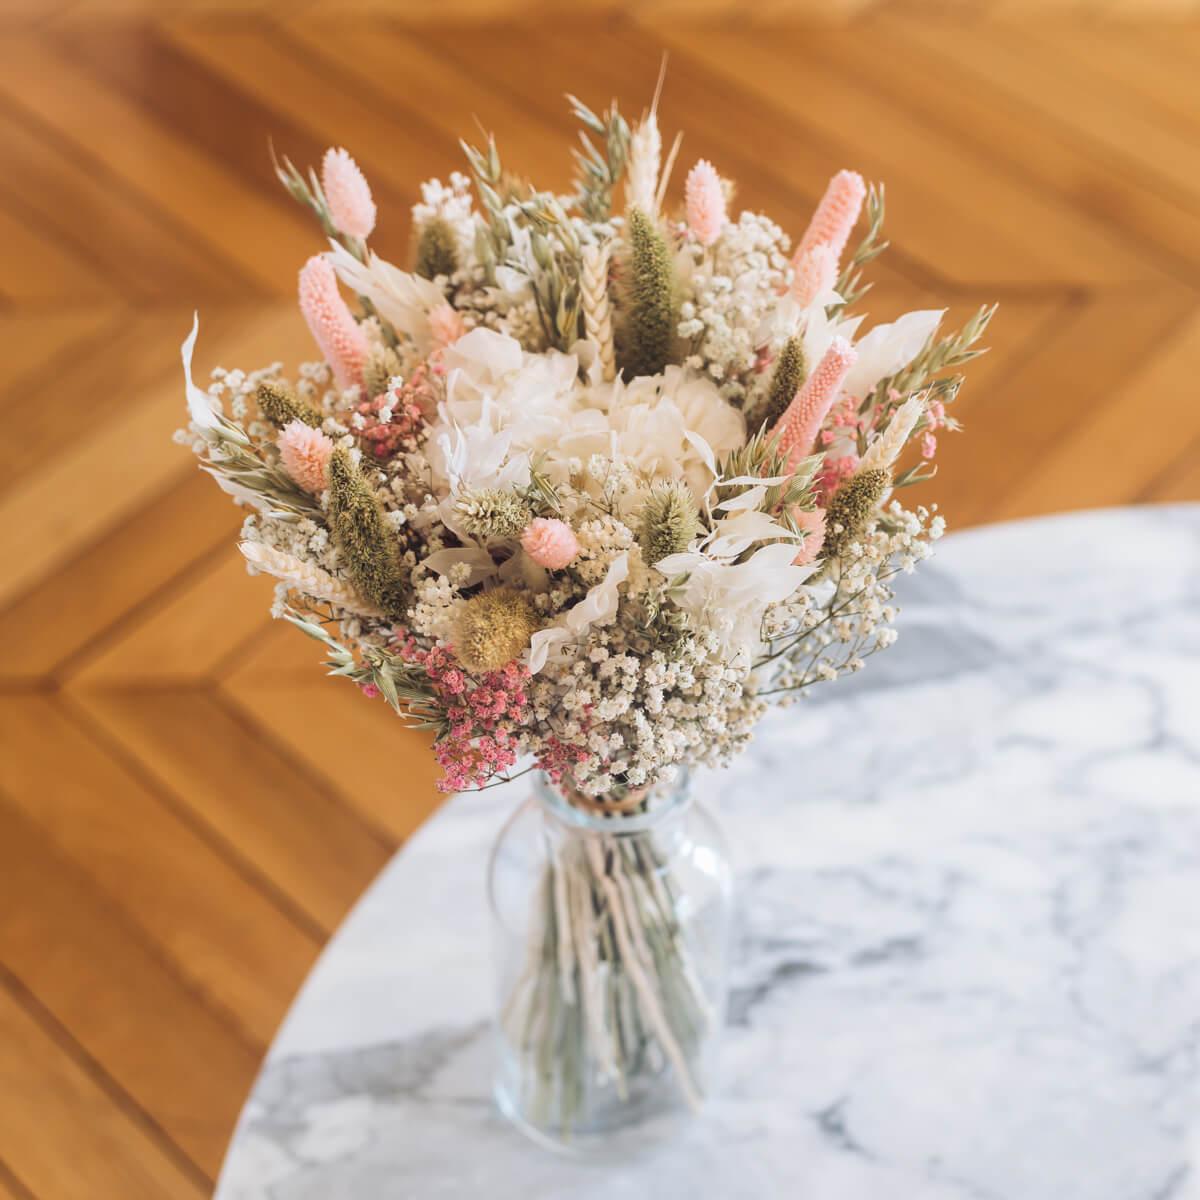 Fleurs Sechees 6 E Shops Pour Trouver Des Bouquets Tendance